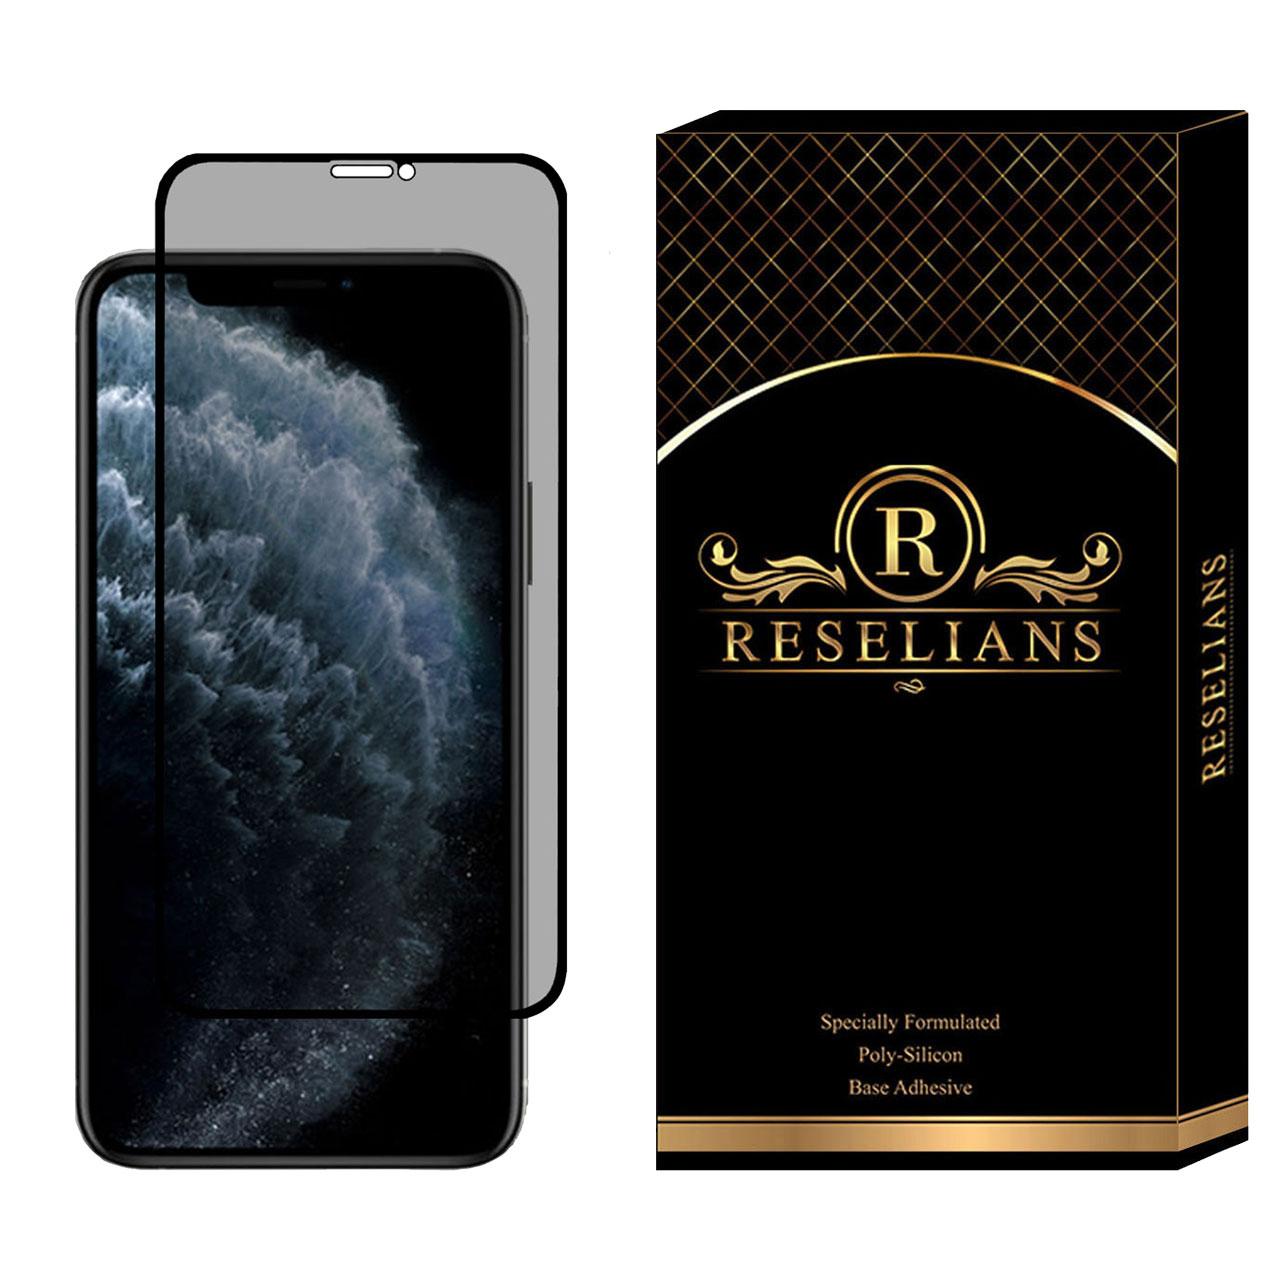 محافظ صفحه نمایش حریم شخصی رزلیانس مدل RPF مناسب برای گوشی موبایل اپل iPhone 11 Pro